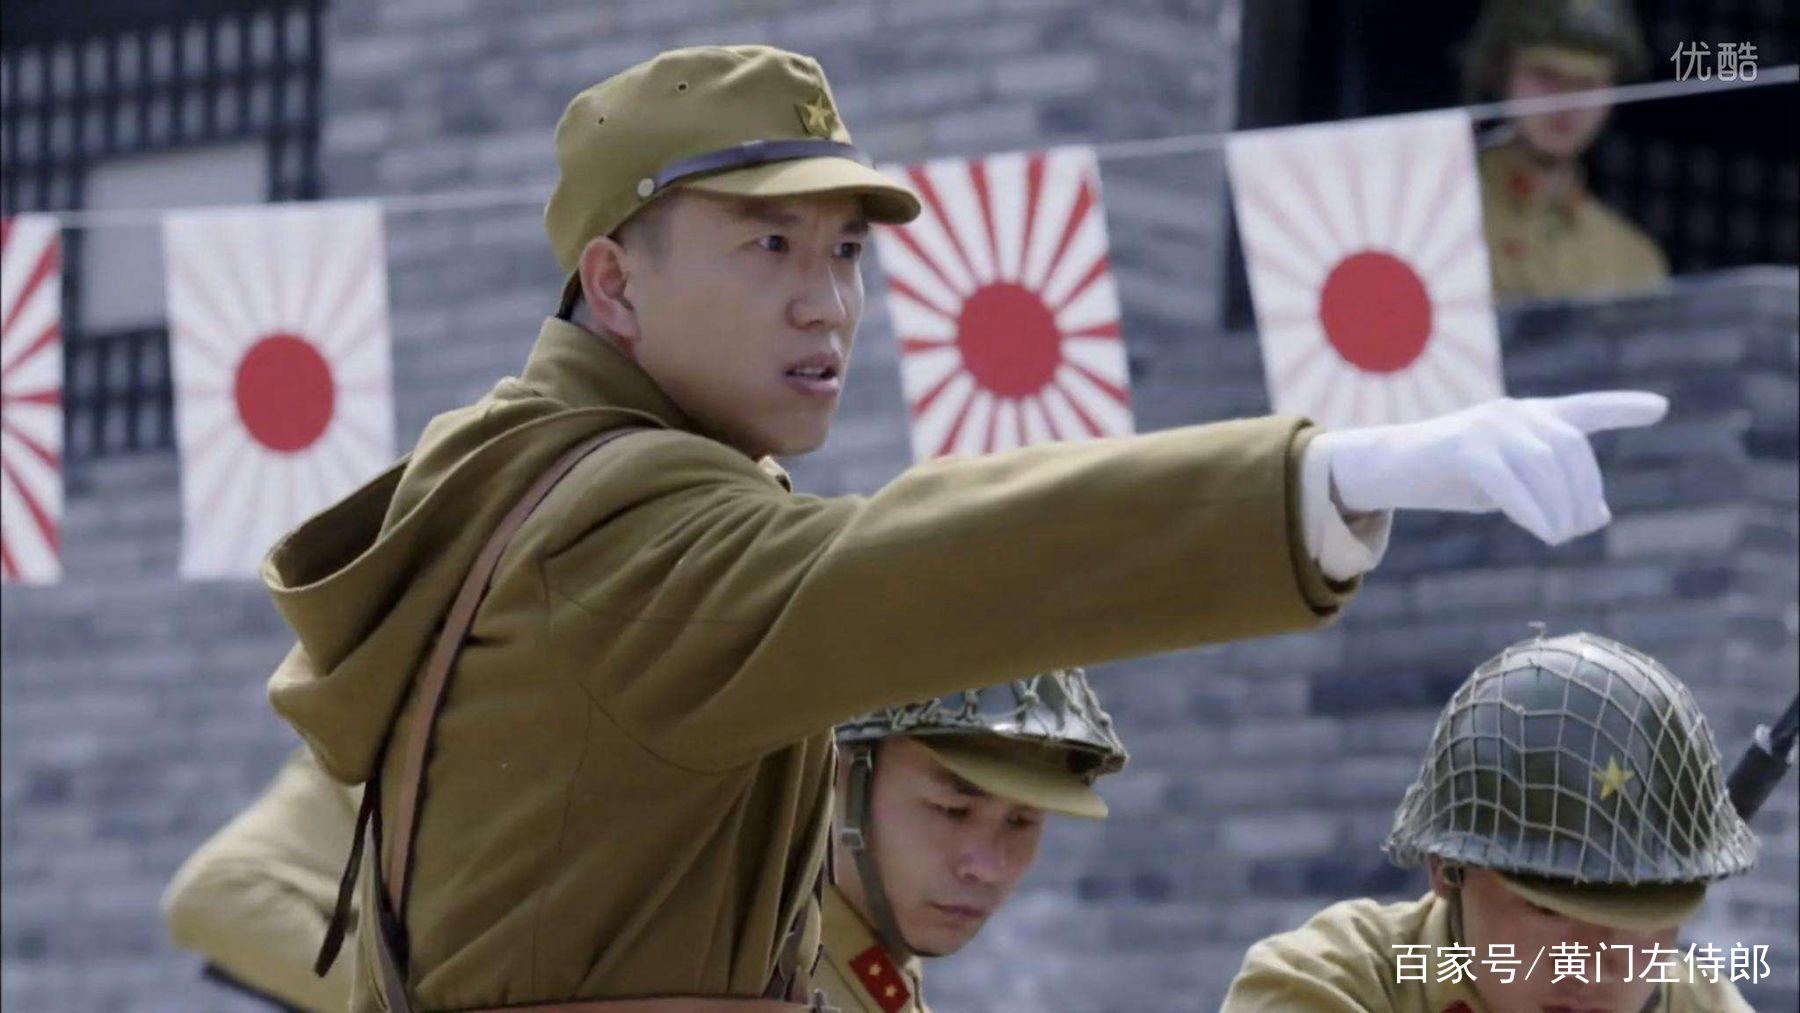 """日军骂人的""""八嘎牙路"""",中文是什么意思?比你想象的要恶毒!"""